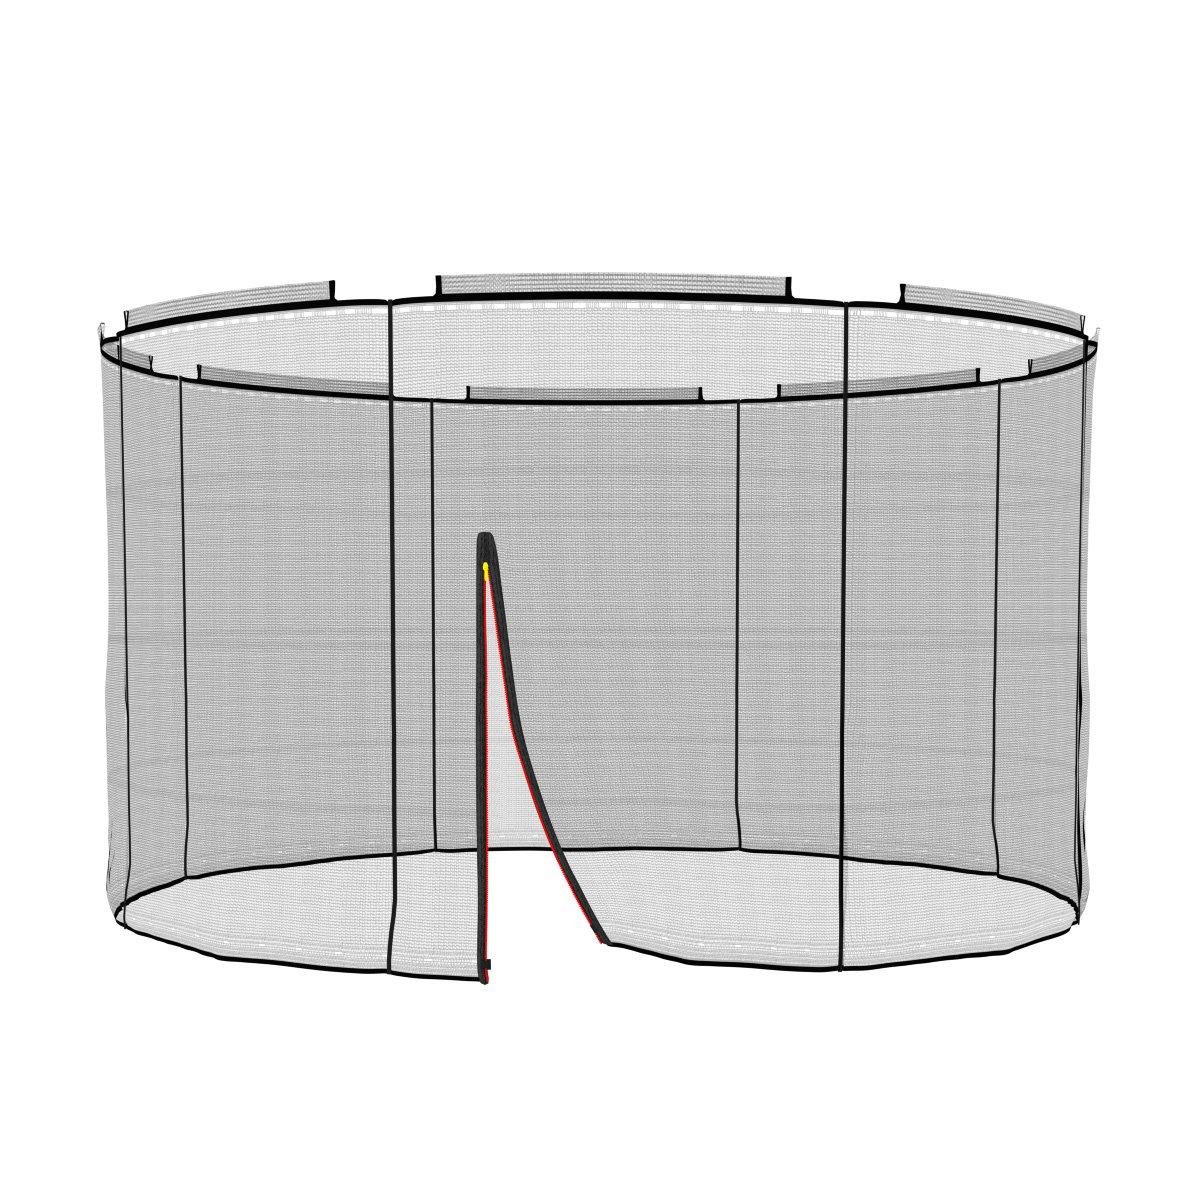 Ampel 24 Deluxe Sicherheitsnetz für Trampolin Ø 305 cm, Ersatznetz für 8 Stangen, Netz außenliegend, Ersatzteil reißfest und UV-Besteändig